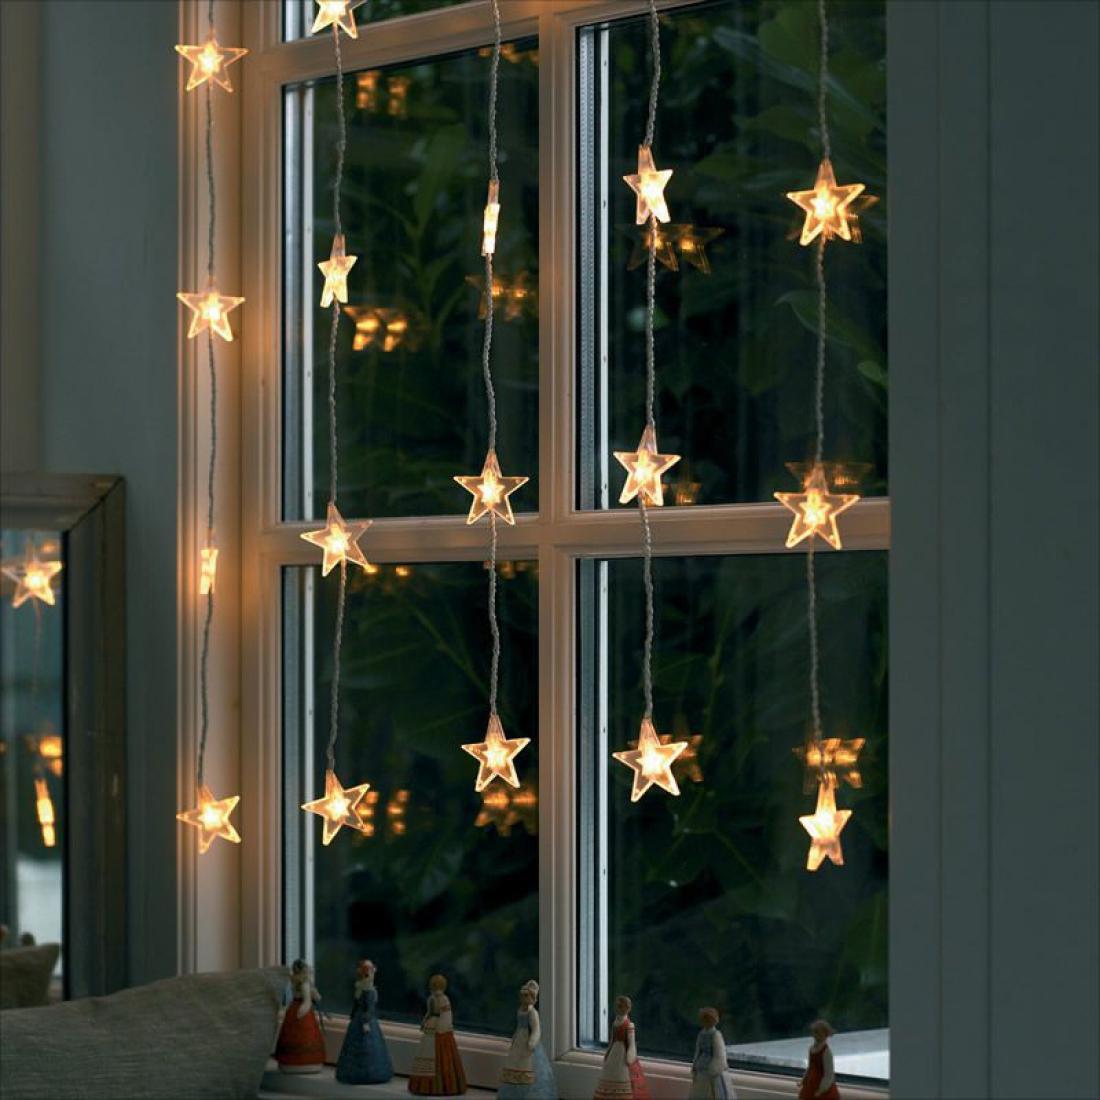 Гирлянда из светящихся звездочек на окно